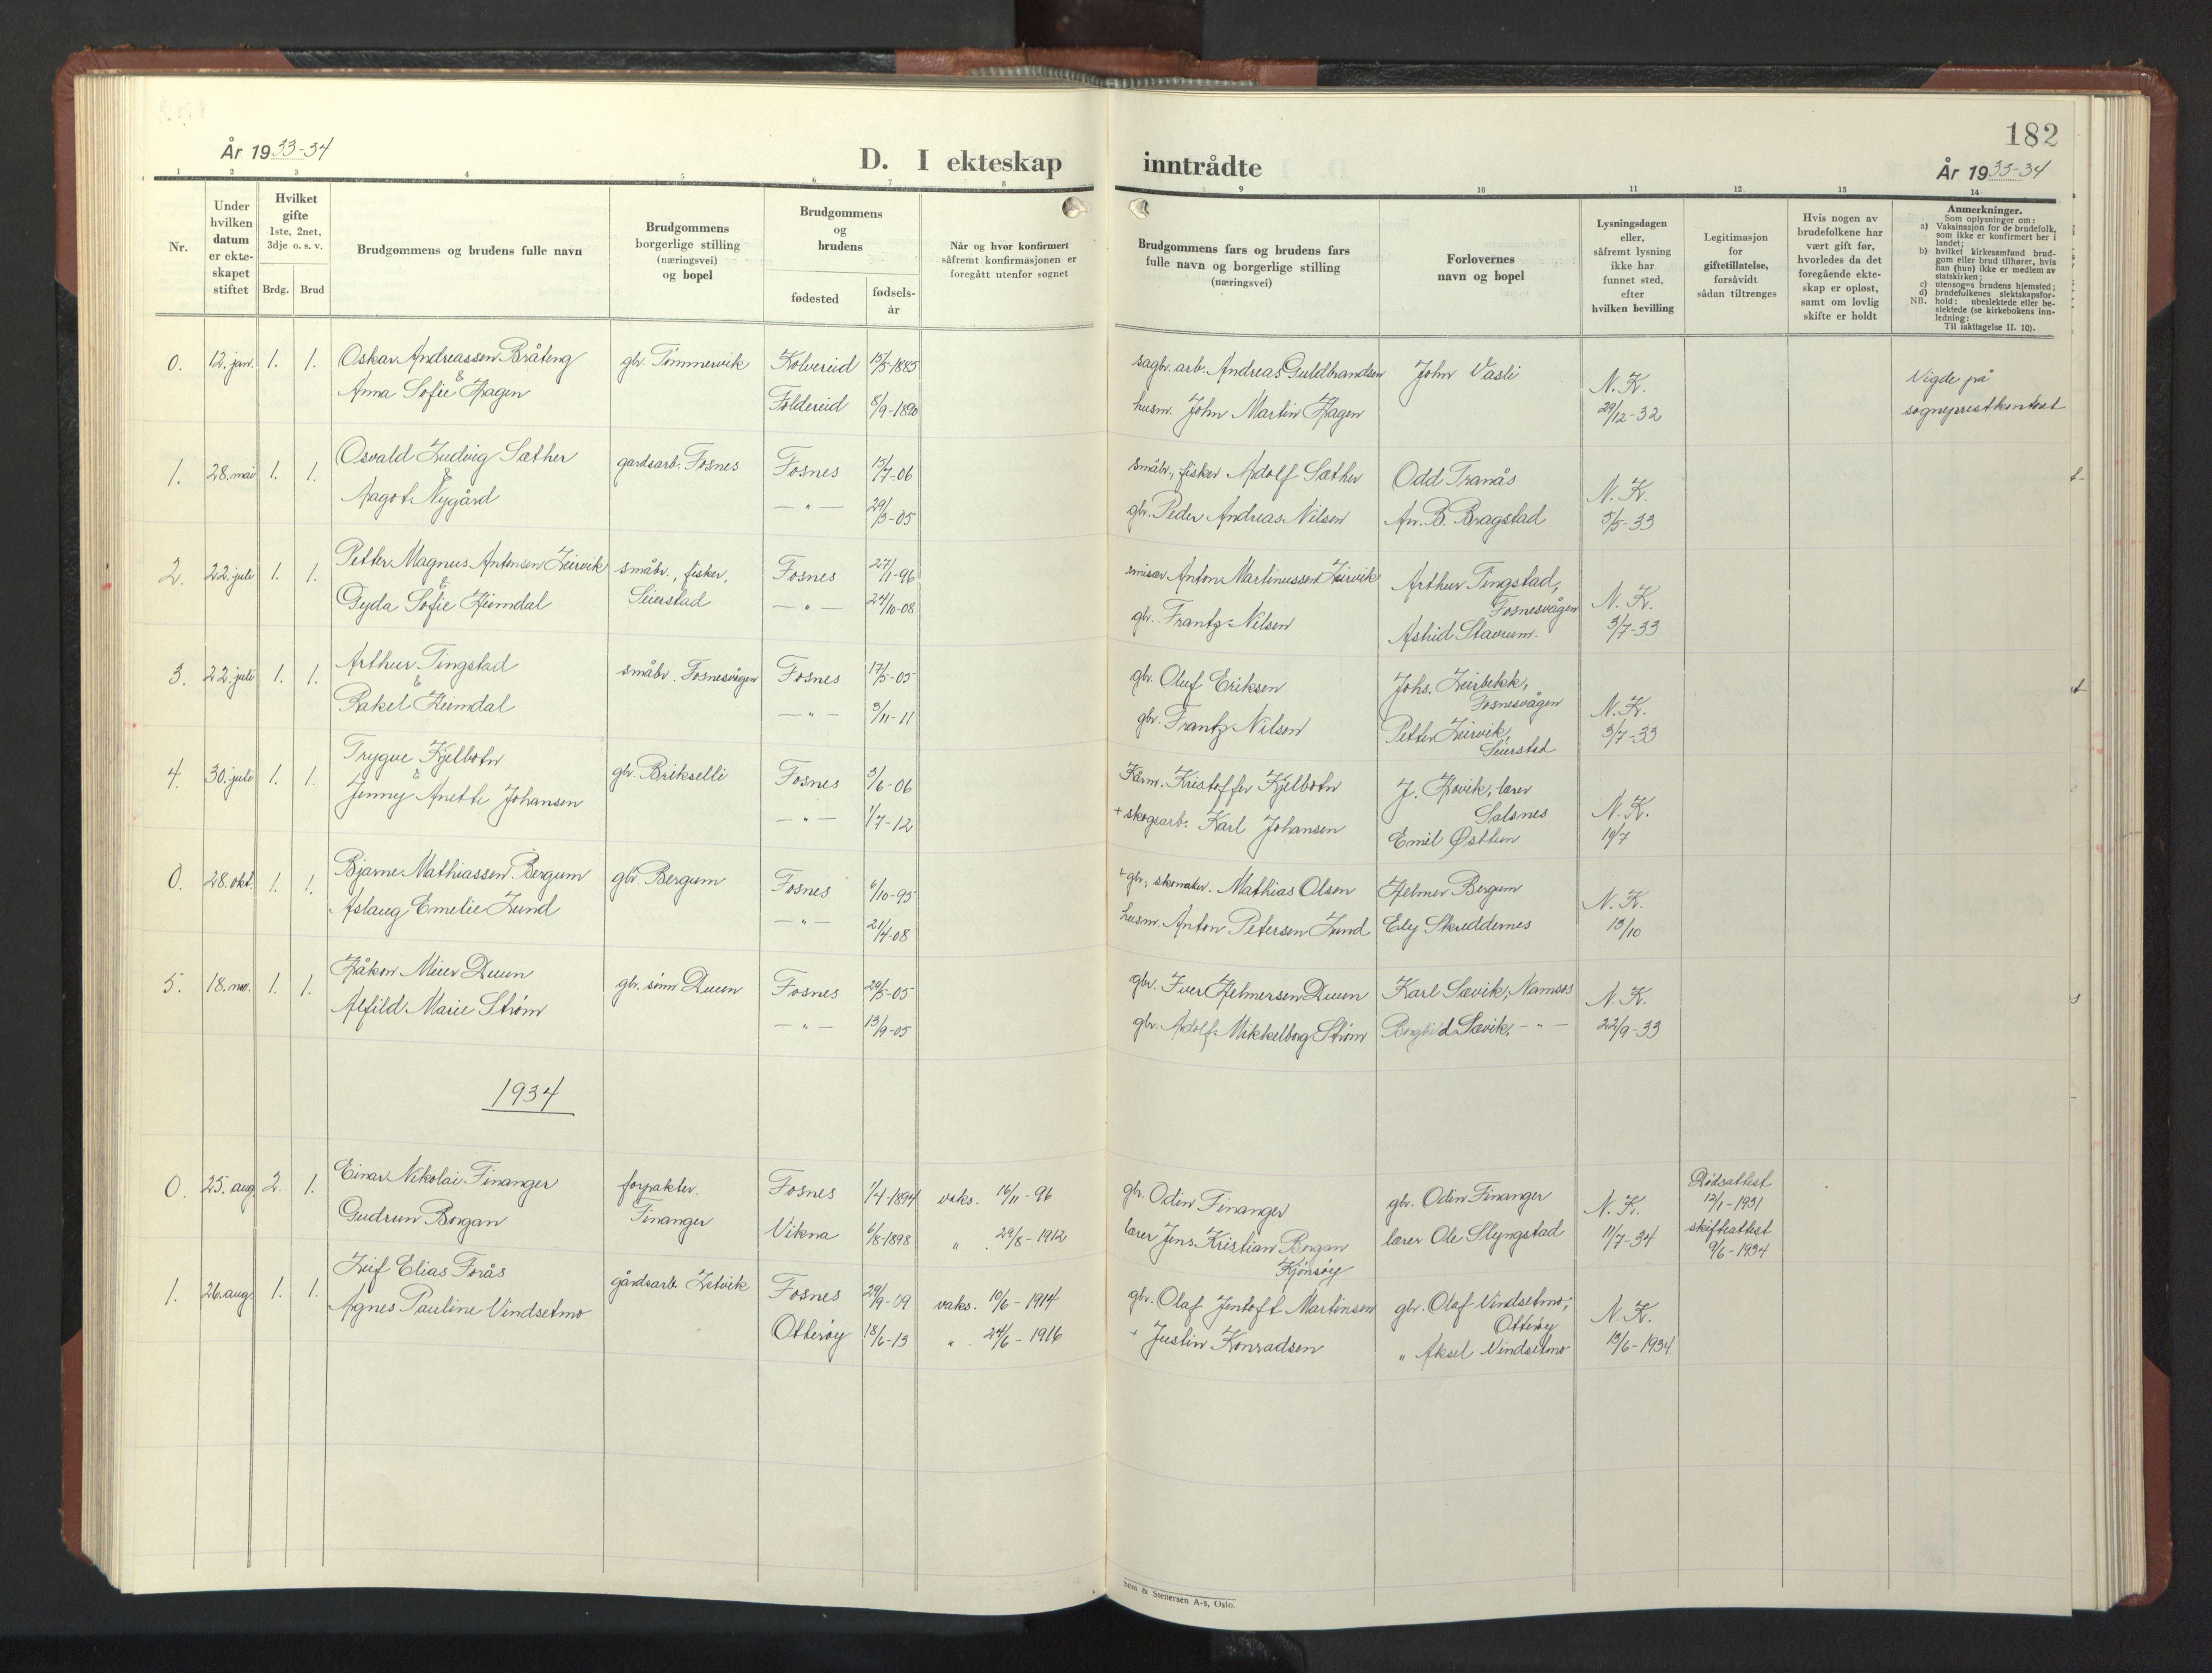 SAT, Ministerialprotokoller, klokkerbøker og fødselsregistre - Nord-Trøndelag, 773/L0625: Klokkerbok nr. 773C01, 1910-1952, s. 182